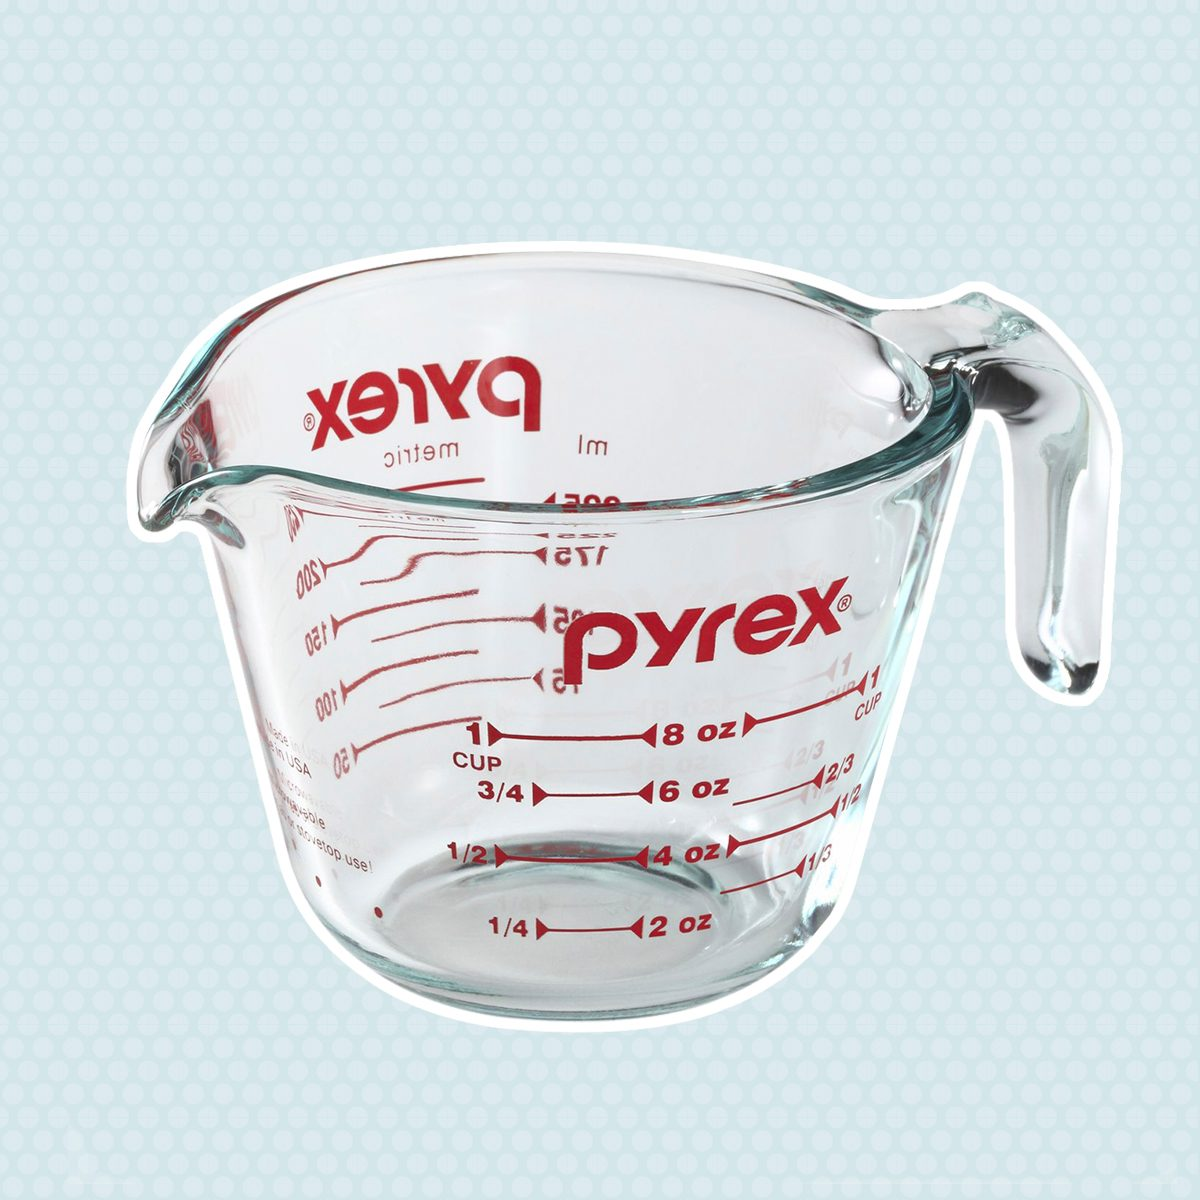 Pyrex Liquid Measuring Cups